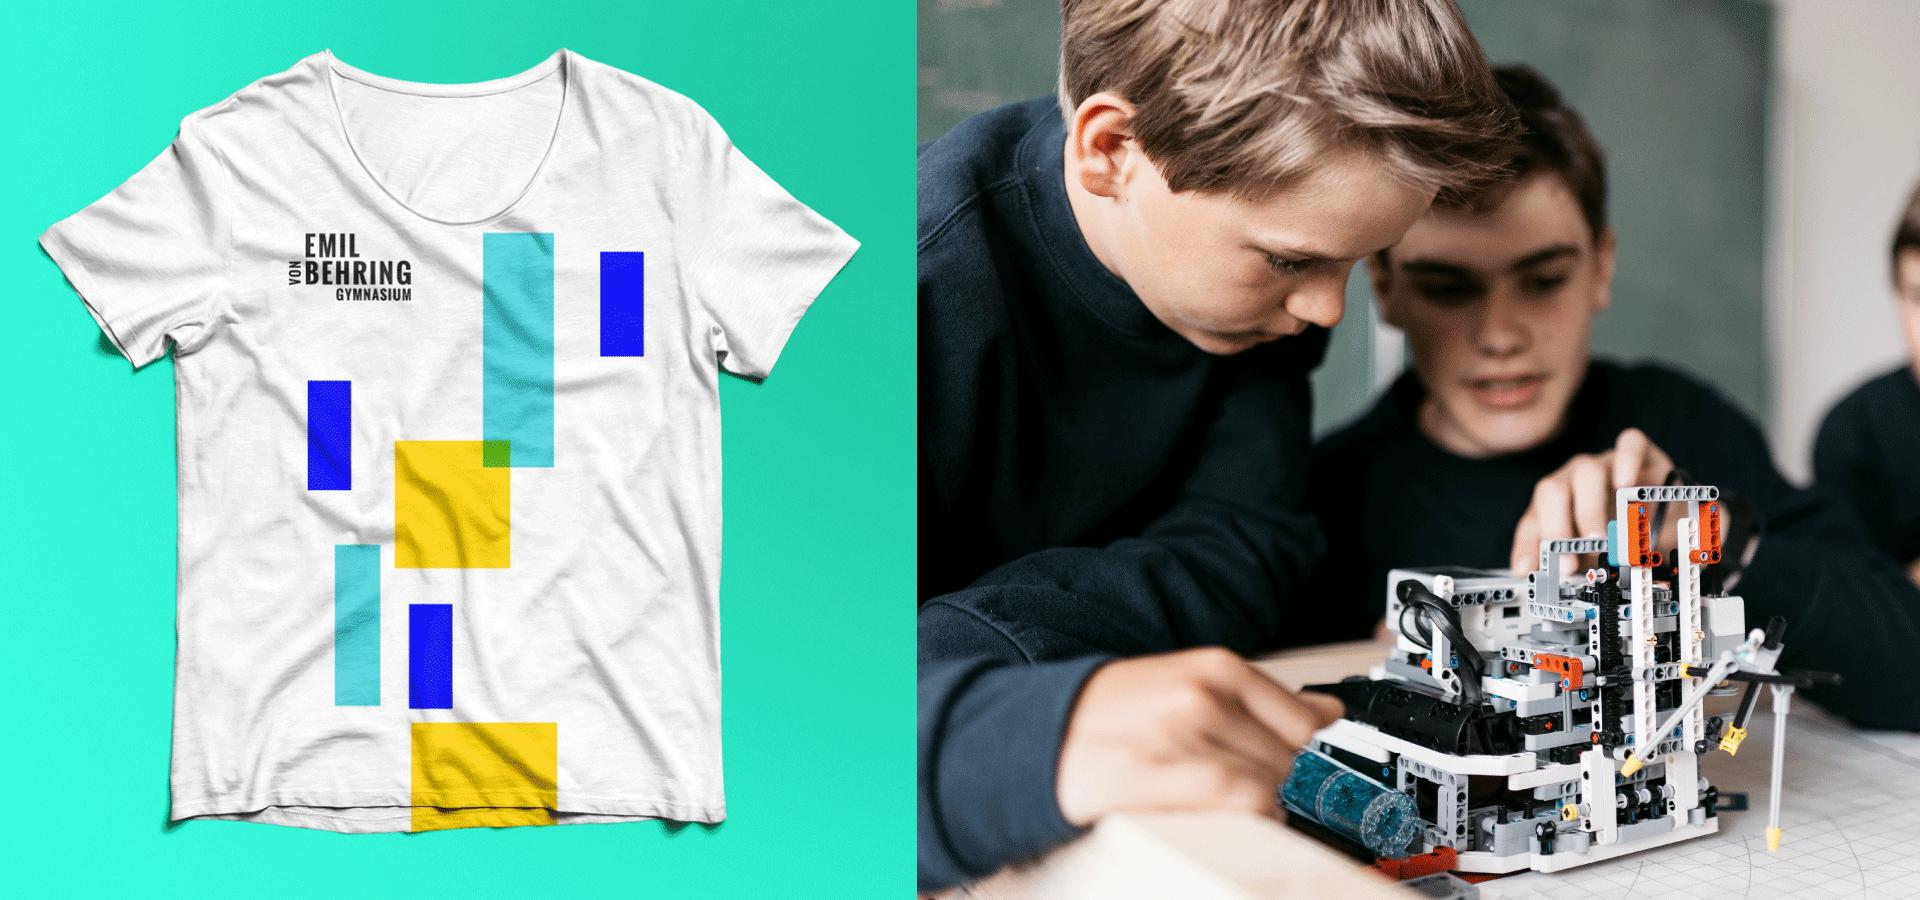 Emil-von-Behring Gynmasium Merchandise T-Shirt